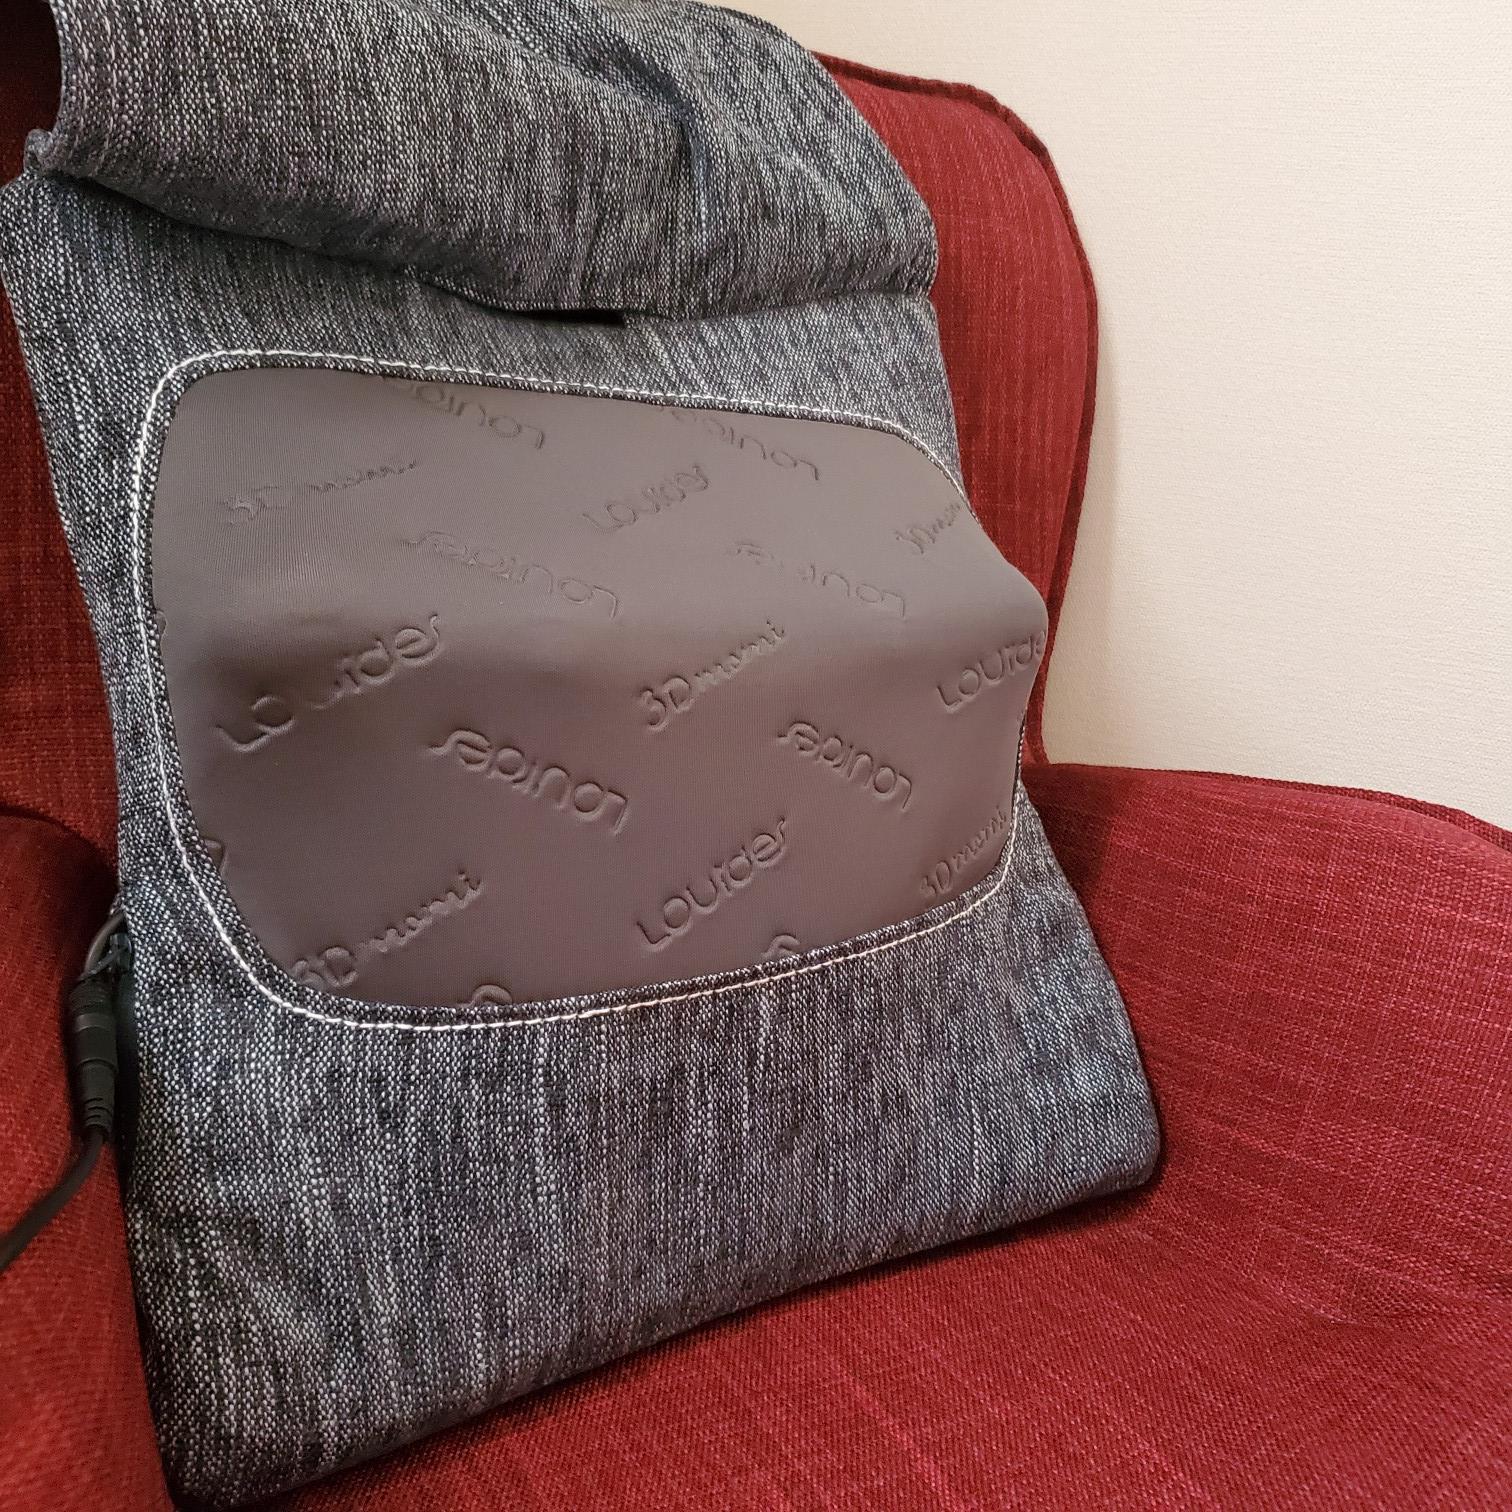 クッション型マッサージ家電【Francfranc】3Dもみで腰・肩こりを解消!_2